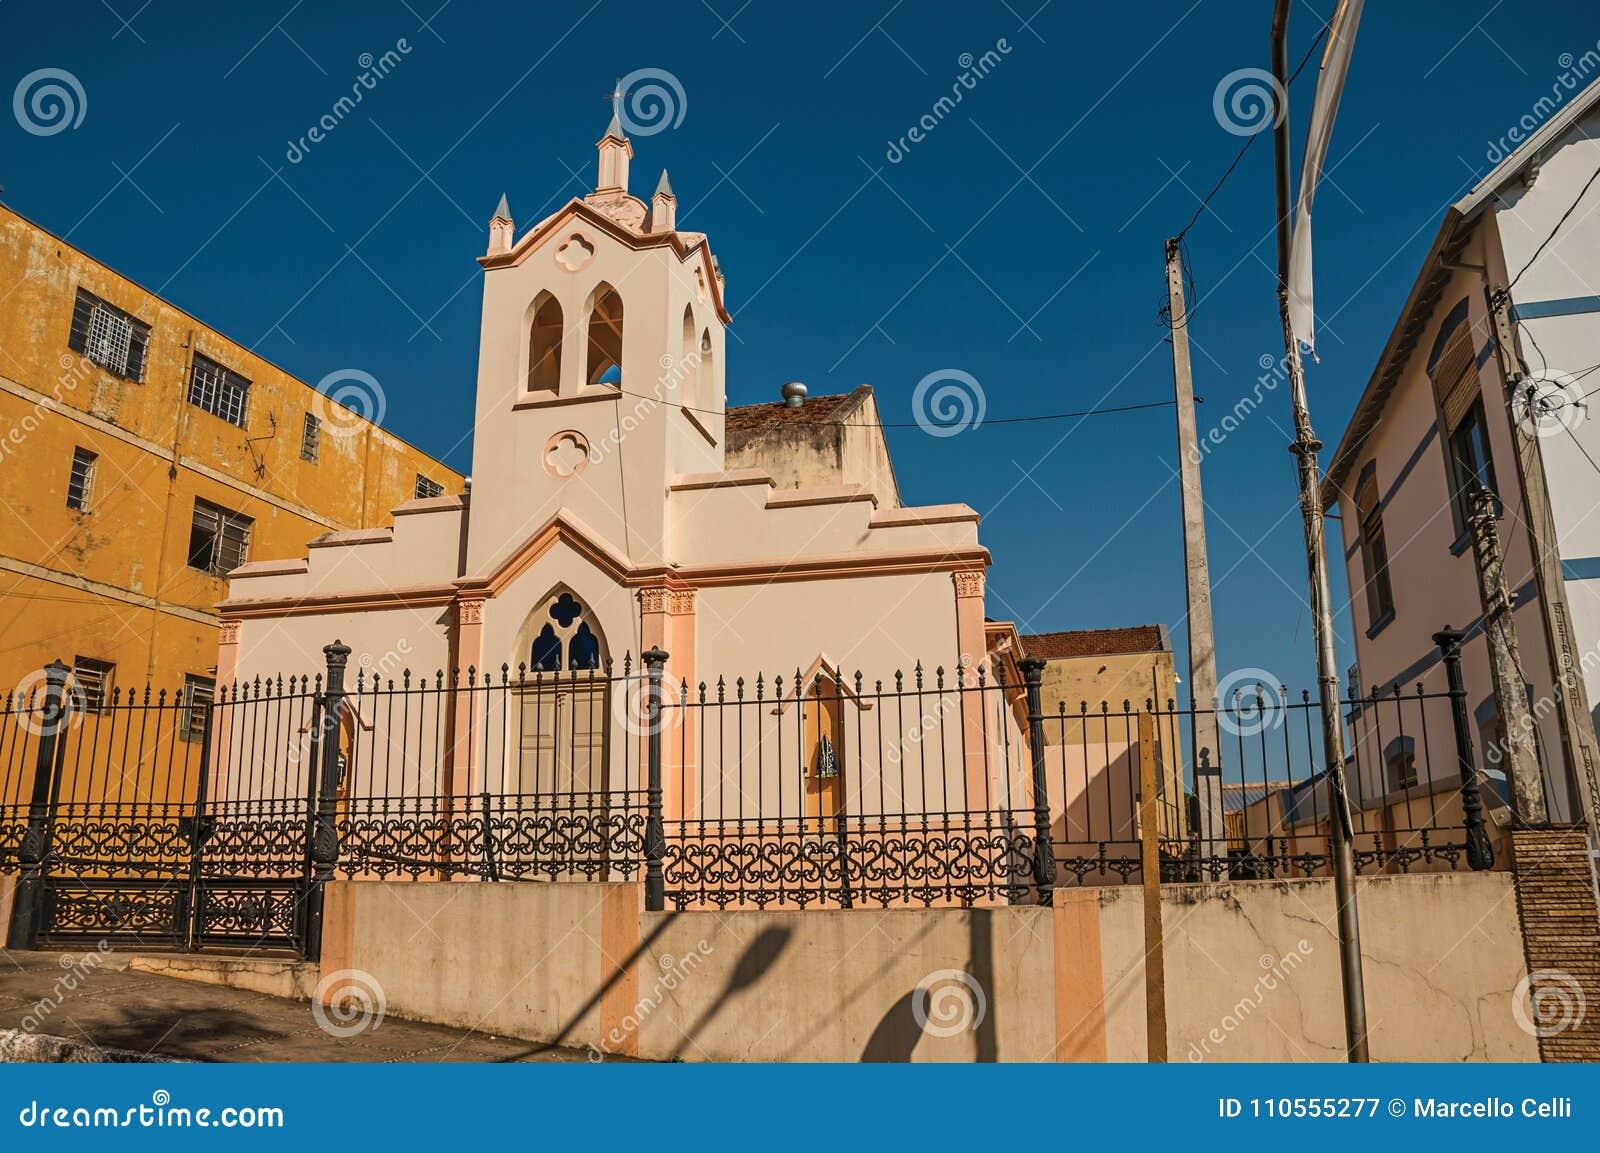 Facciata di piccoli chiesa e campanile dietro il recinto del ferro, in un giorno soleggiato a São Manuel